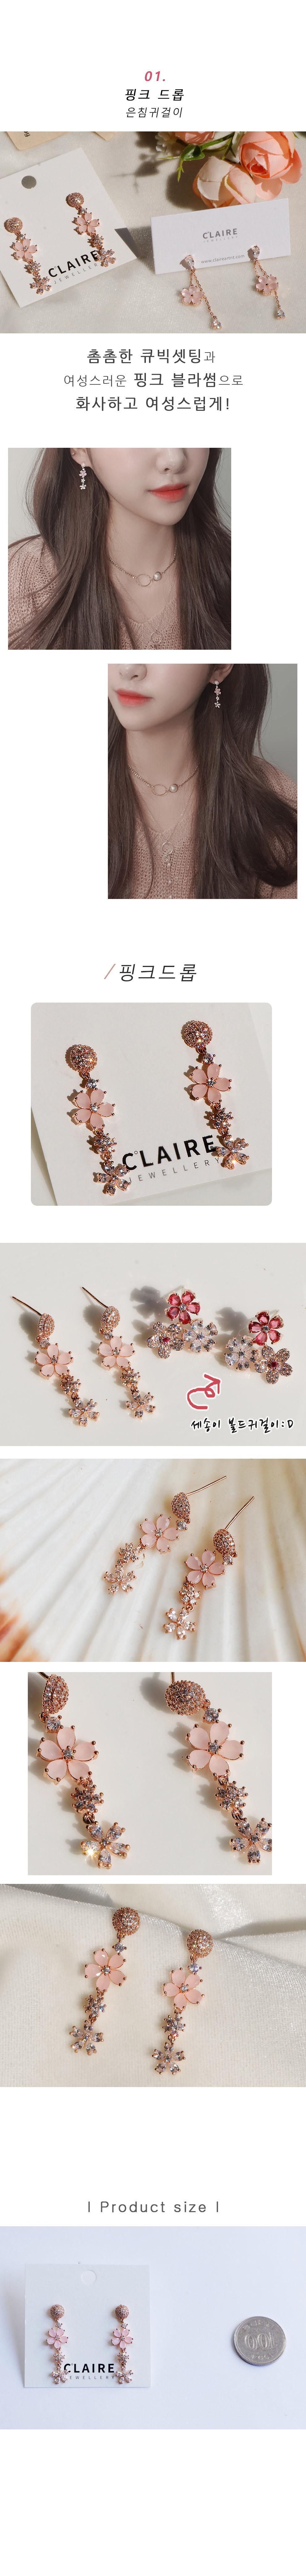 핑크 블라썸 드롭 귀걸이2type - 클레어쥬얼리, 15,800원, 진주/원석, 드롭귀걸이